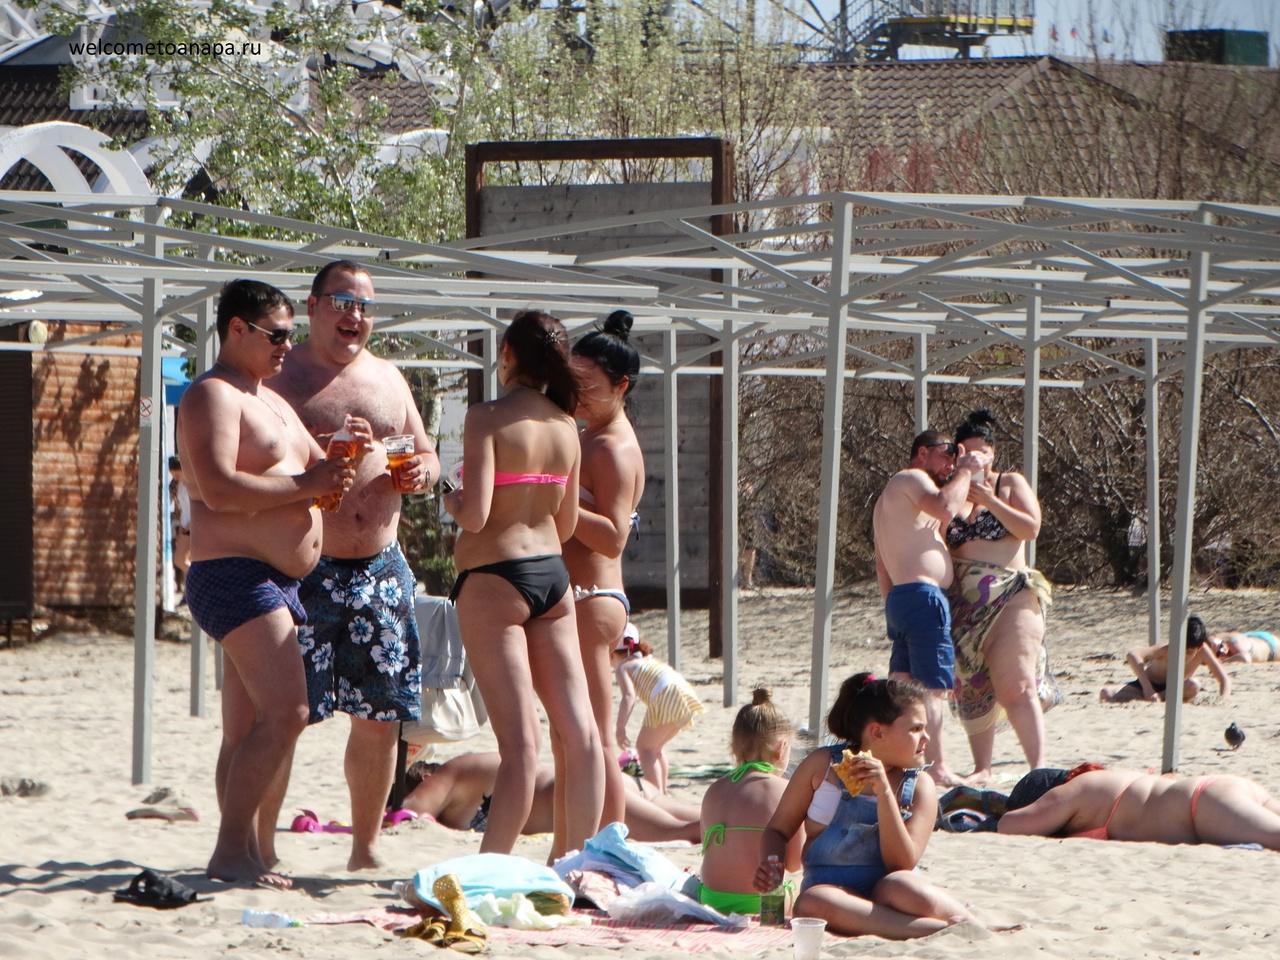 Секс объявления в анапе, Женщина ищет мужчину в Анапе (частные объявления) 18 фотография